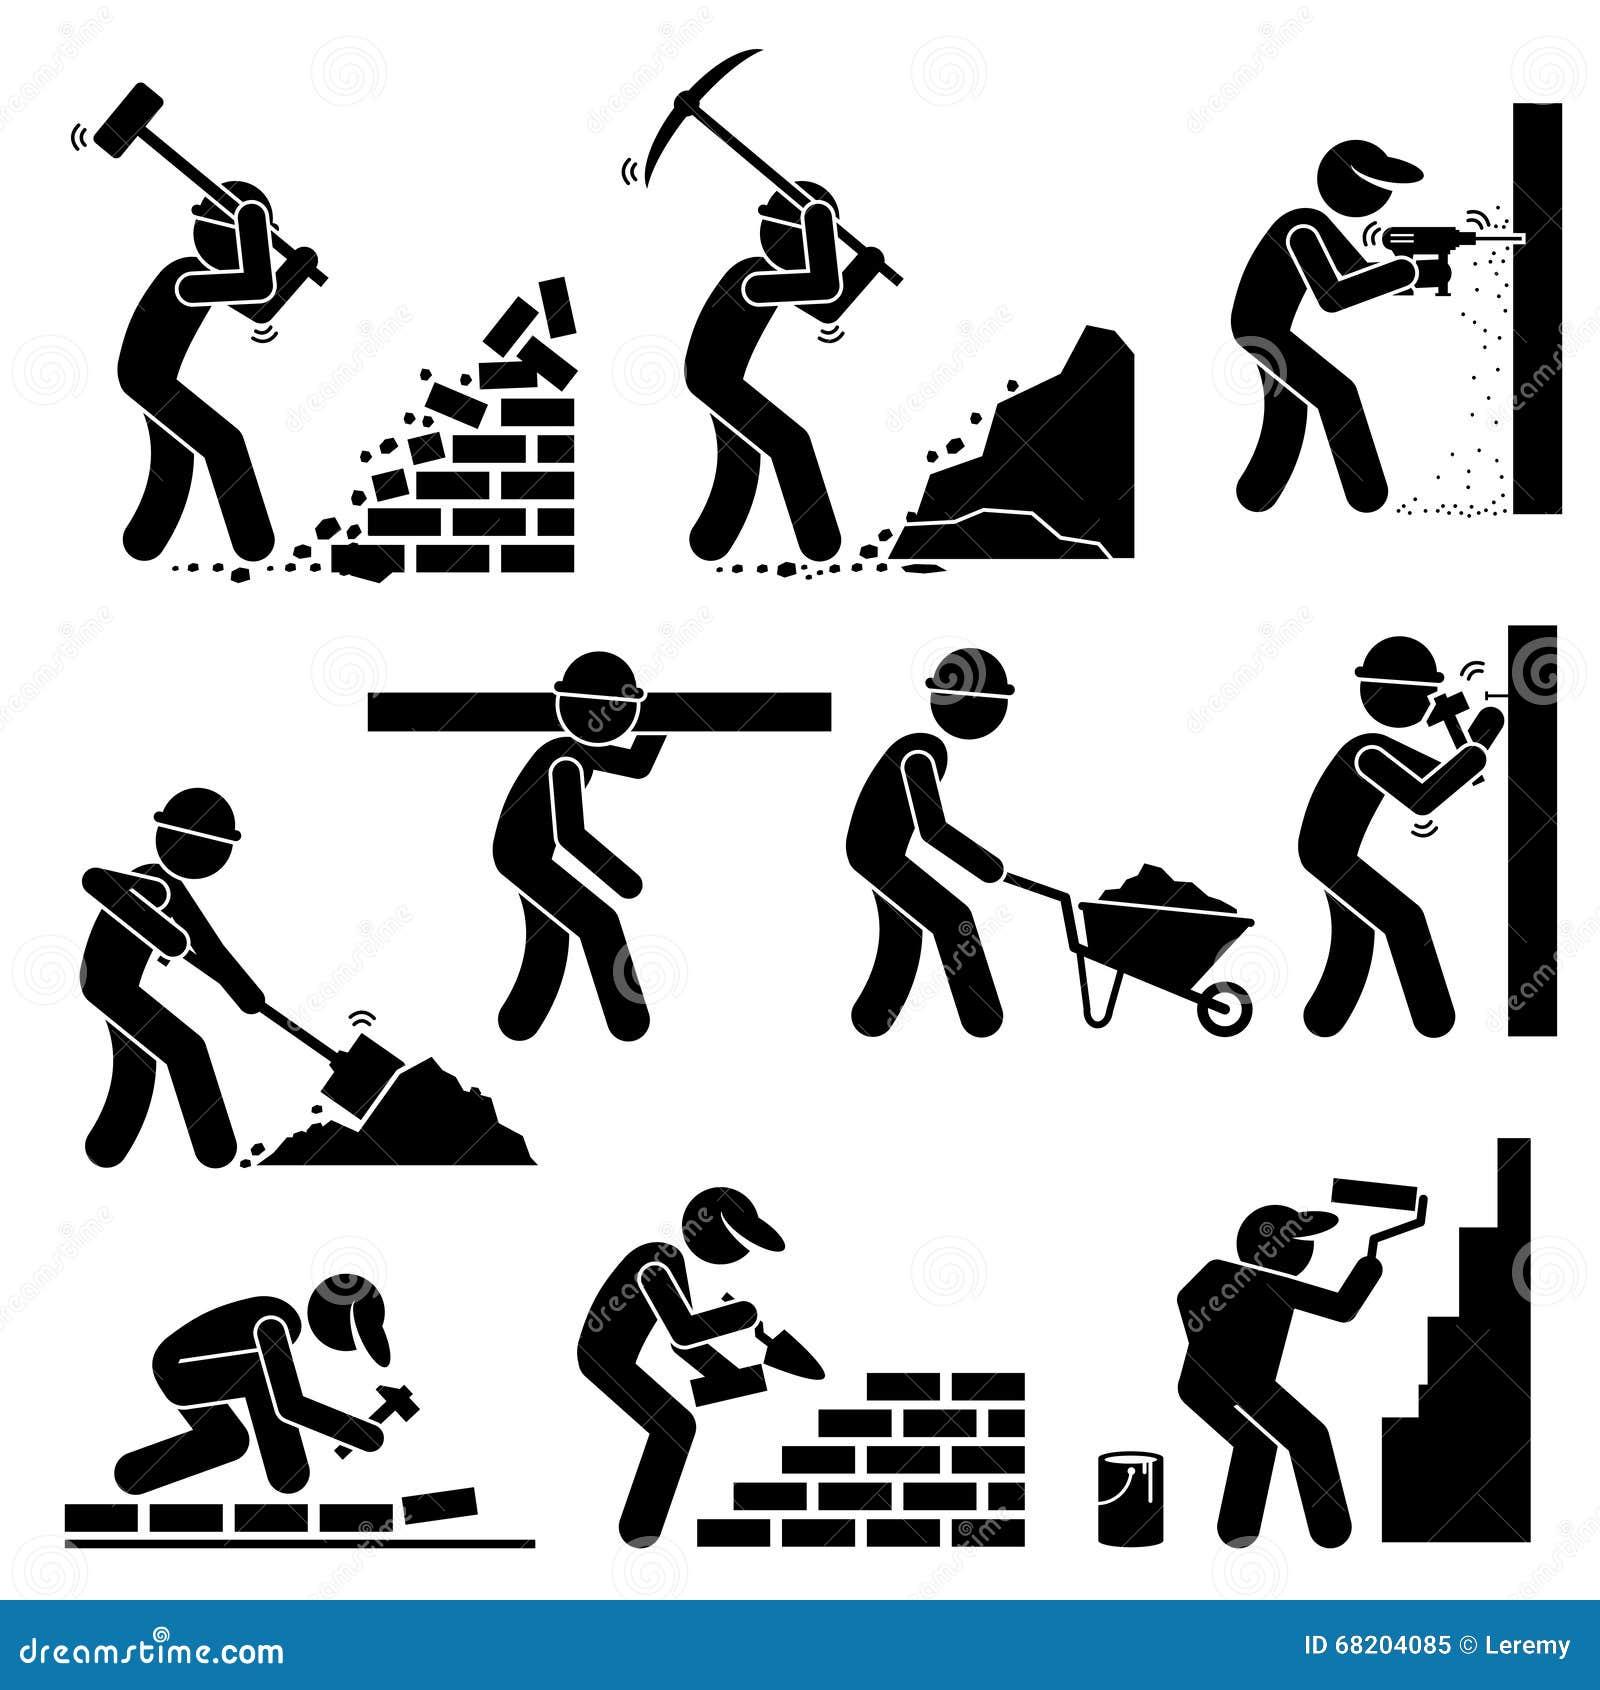 Bauarbeiter clipart schwarz weiß  Erbauer-Erbauer-Arbeitskräfte, Die Häuser Clipart Bauen Vektor ...